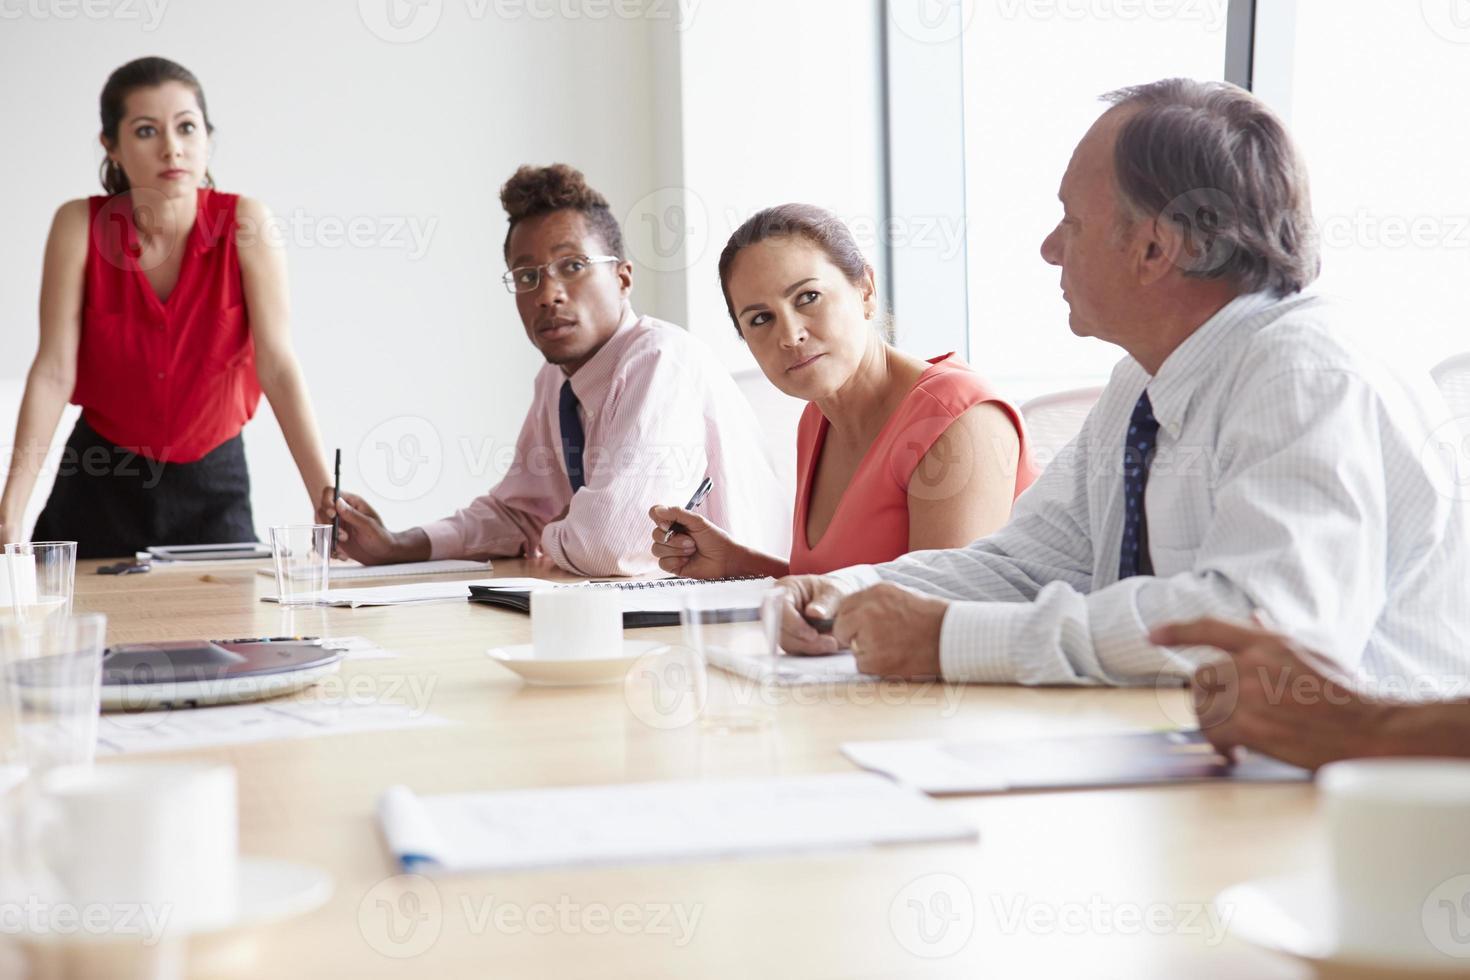 groupe de gens d'affaires réunis autour d'une table de réunion photo